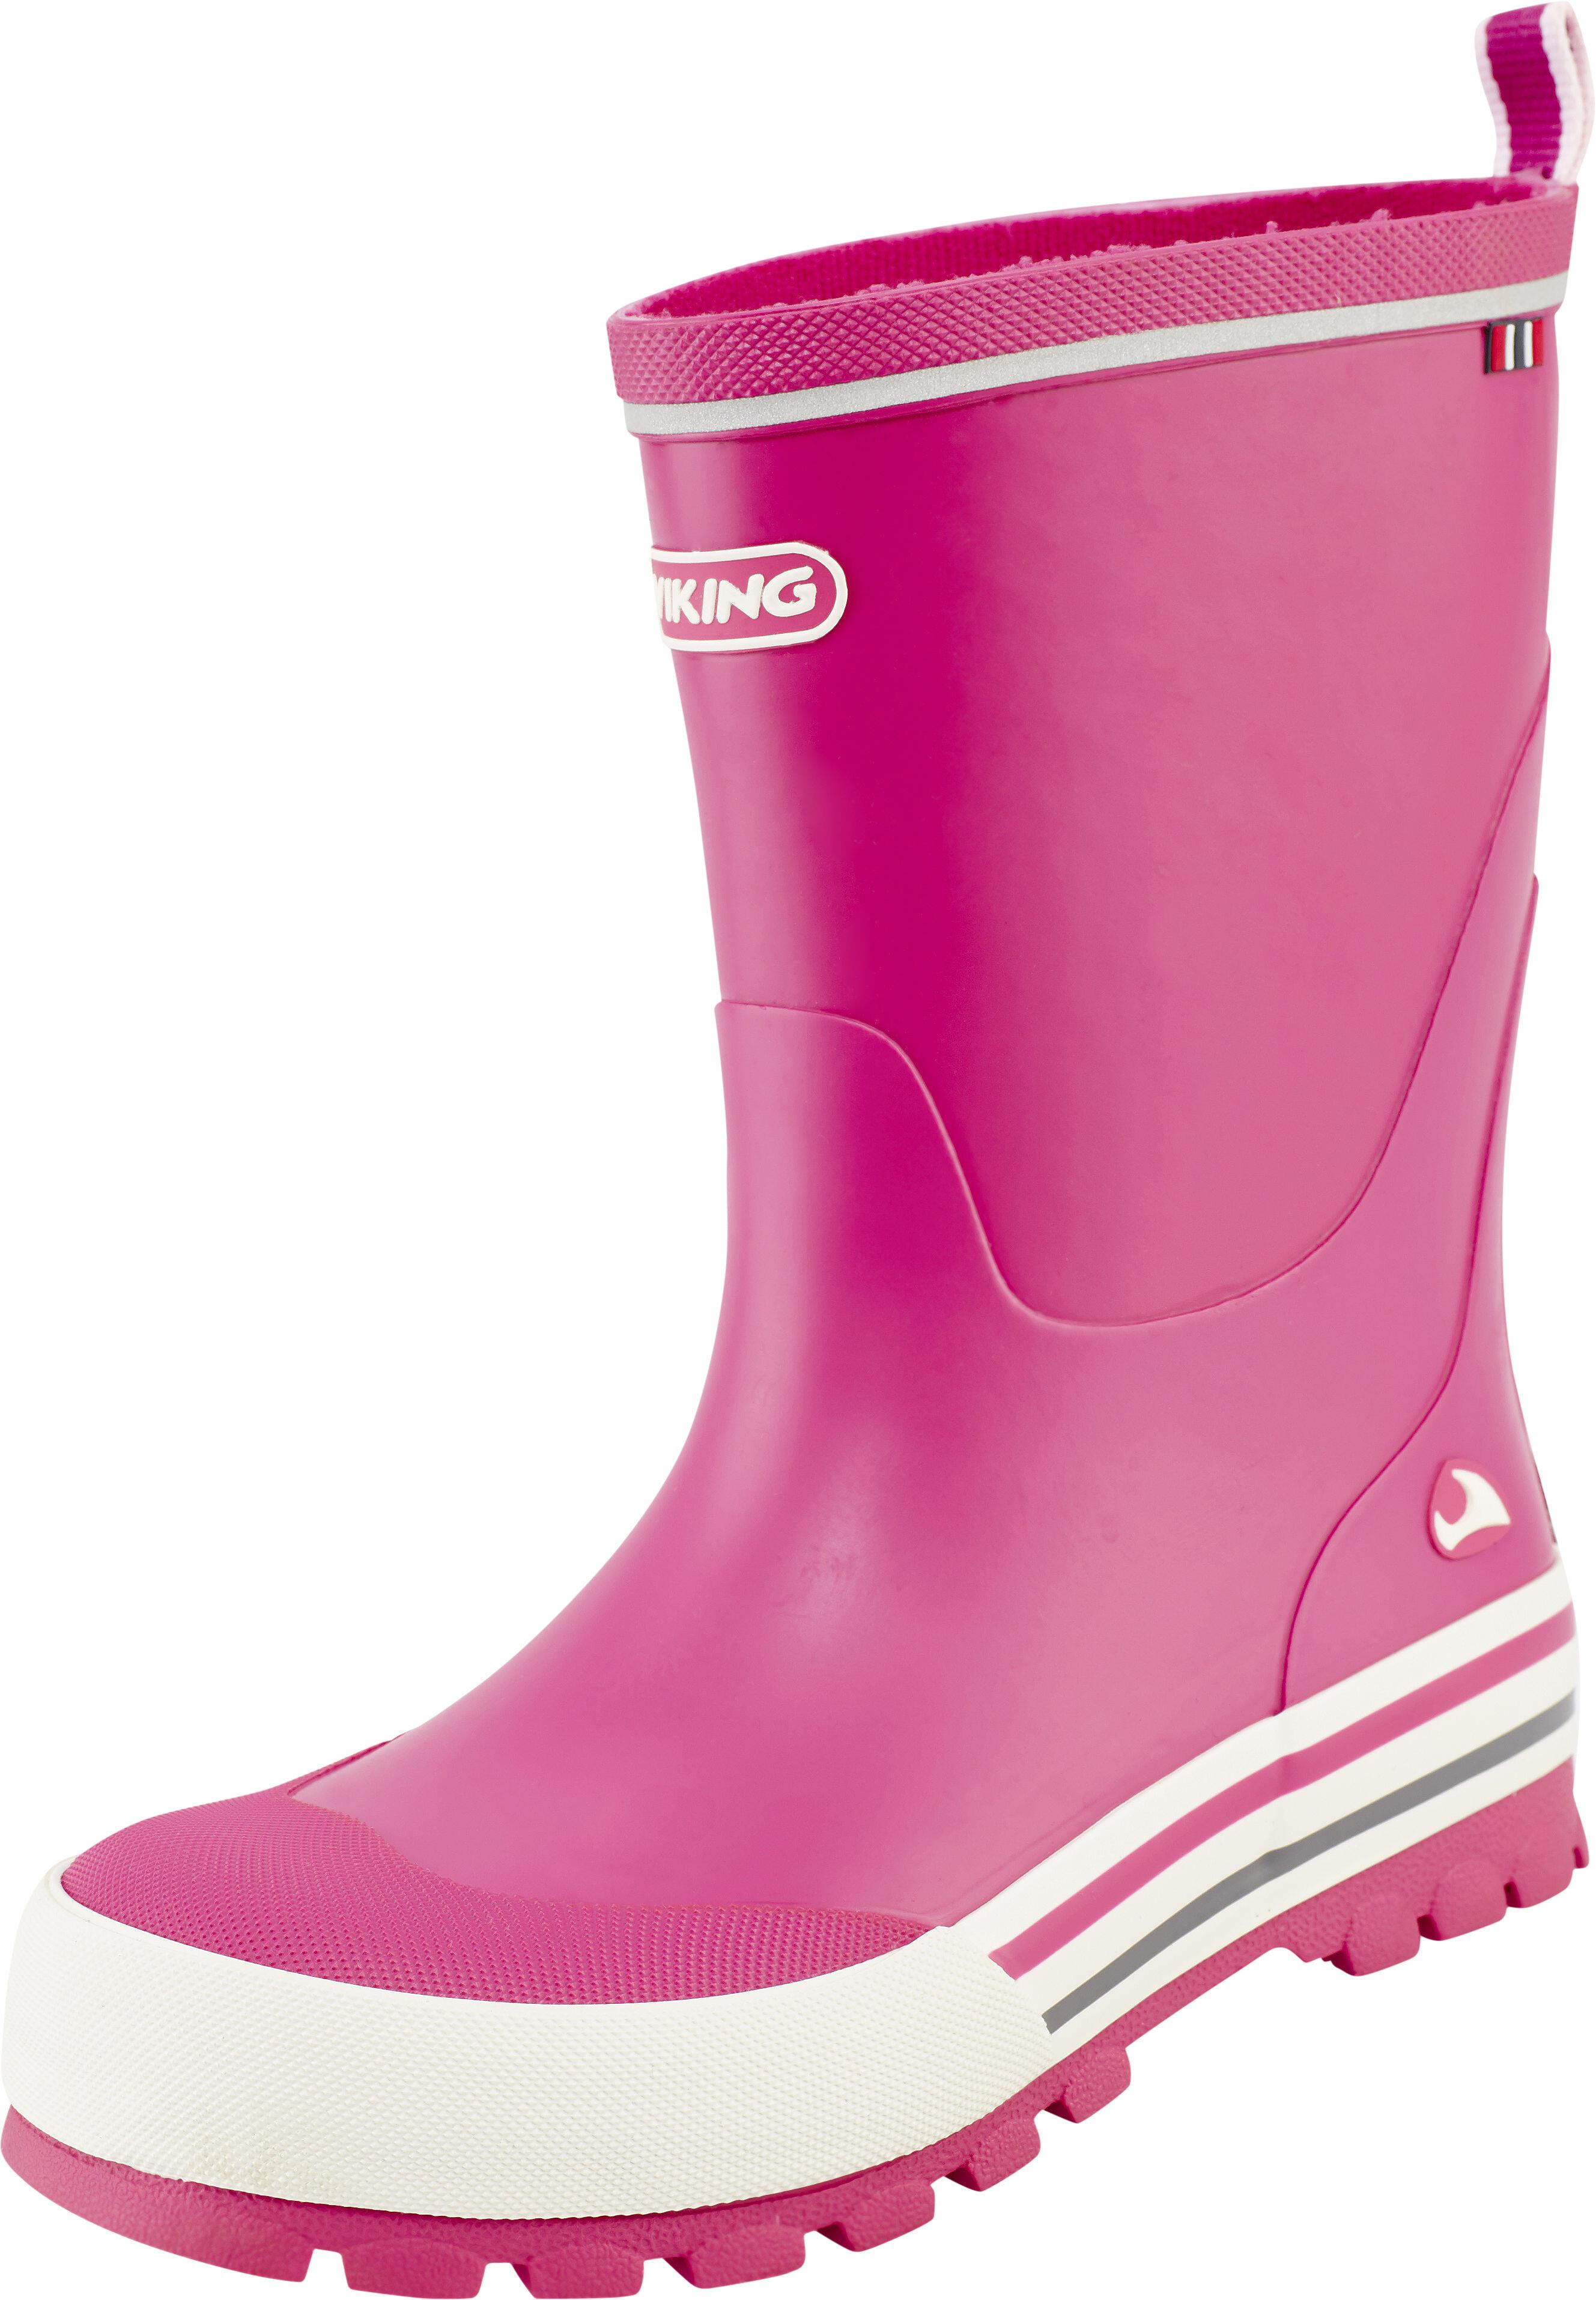 28c9fcf567b Viking Footwear Jolly Gummistøvler Børn pink | Find outdoortøj, sko ...